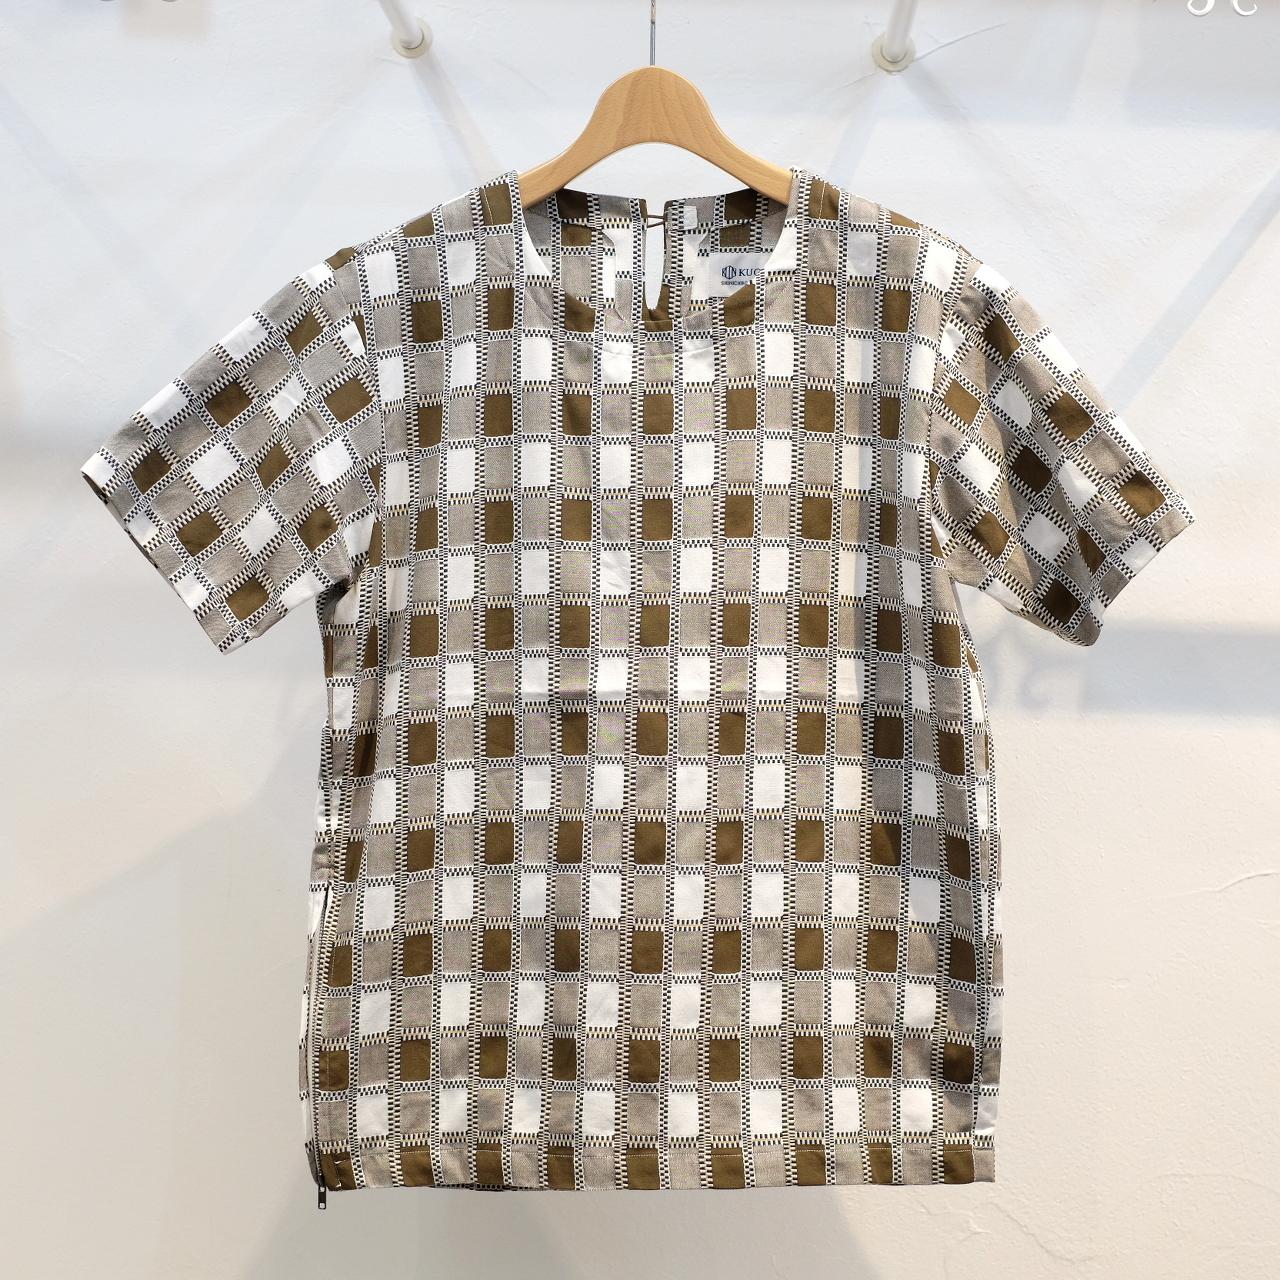 KUON(クオン) 吉野格子(柳格子) 半袖プルオーバーシャツ(カットソー) ブラウン